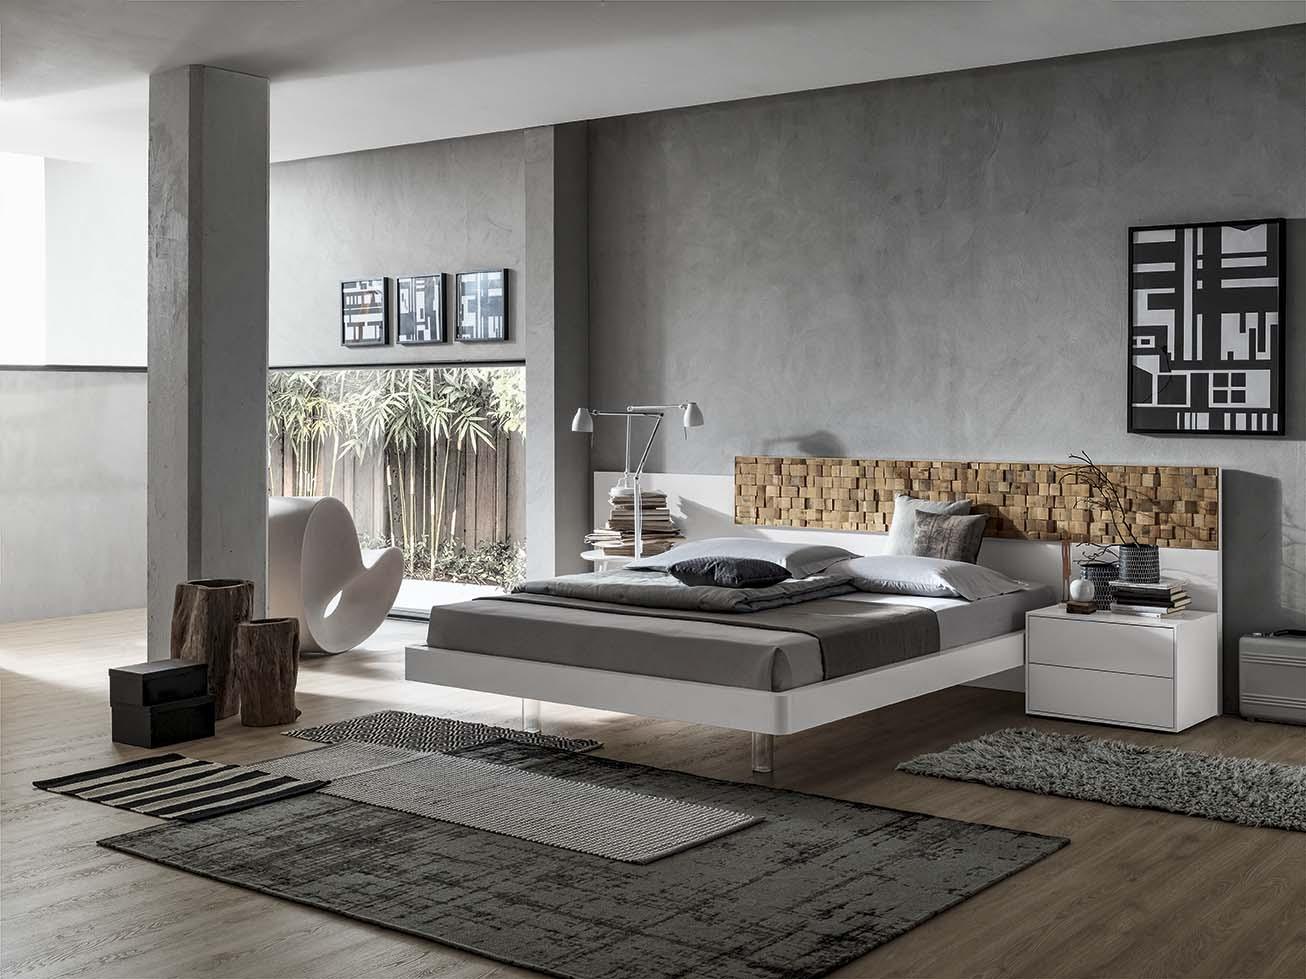 Camere moderne arredare in uzzano soluzioni arredamento - Camera da letto santa lucia ...